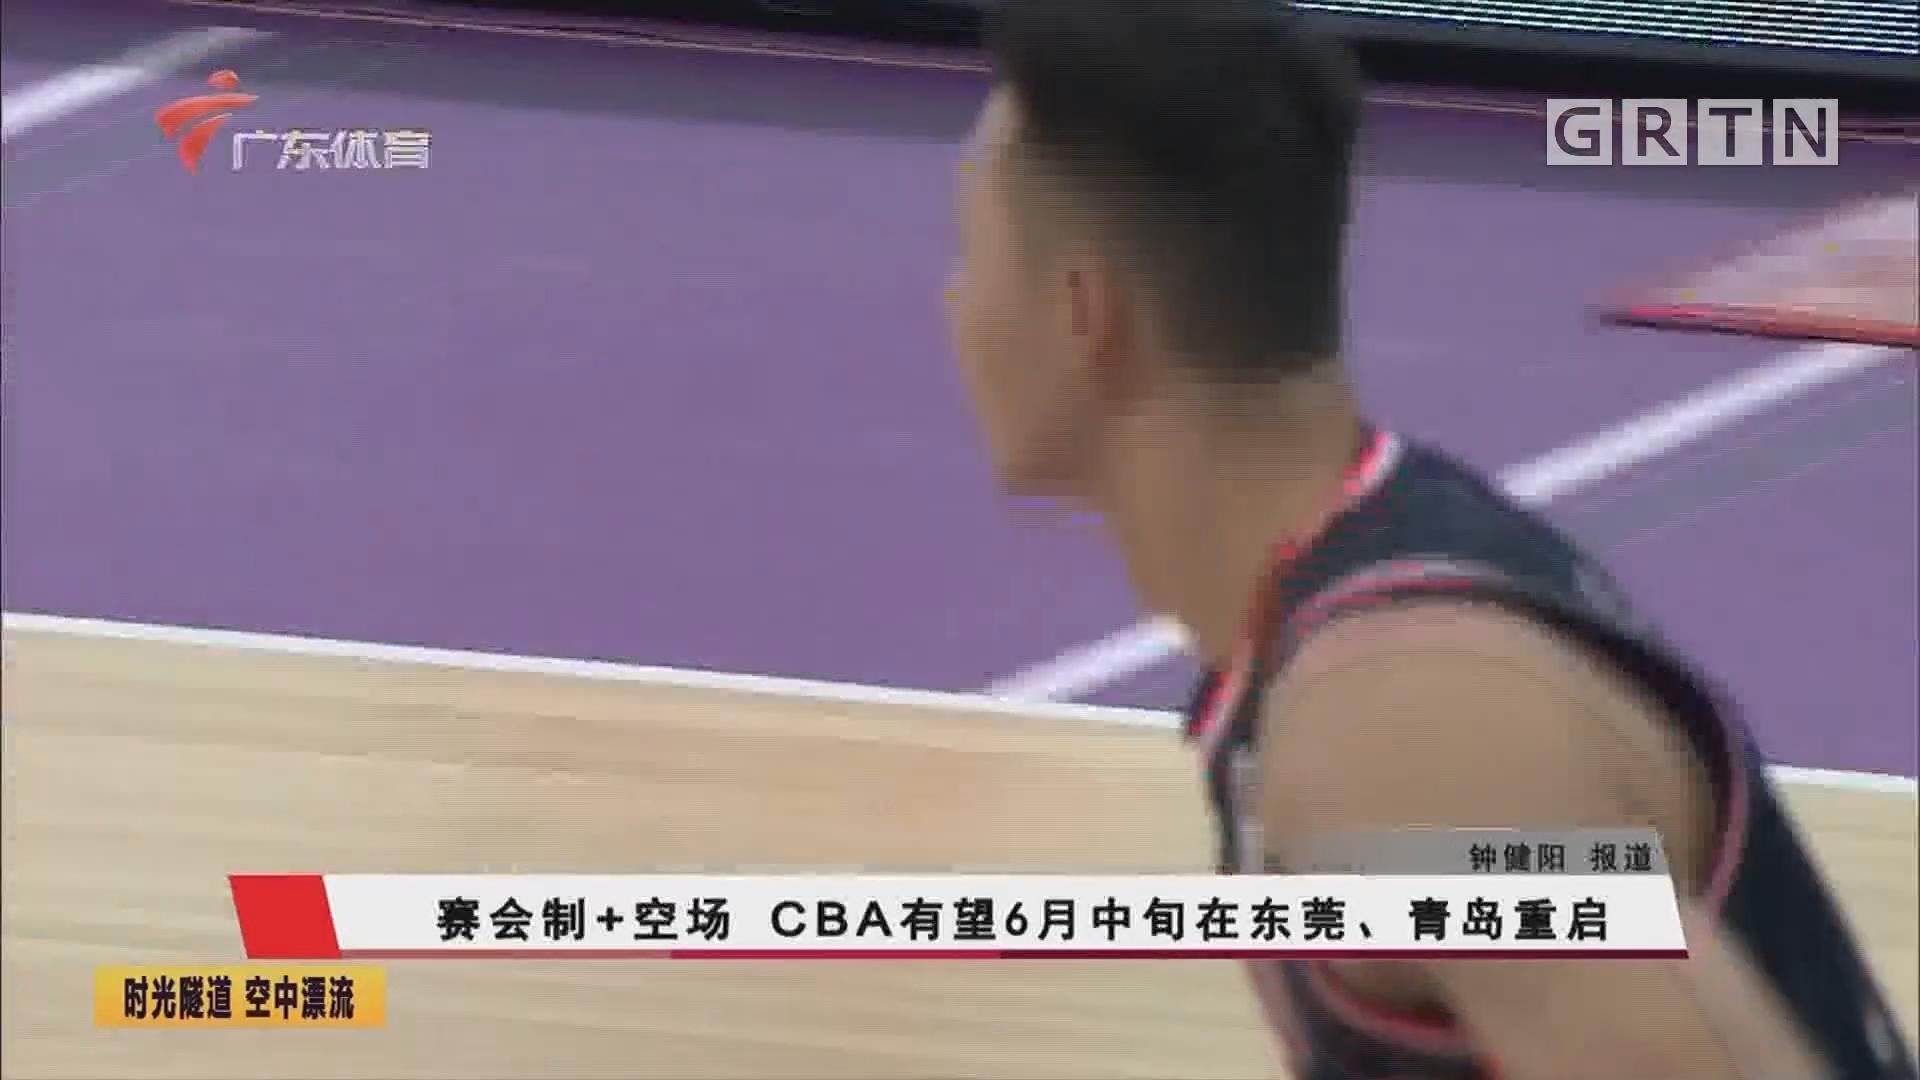 赛会制+空场 CBA有望6月中旬在东莞、青岛重启